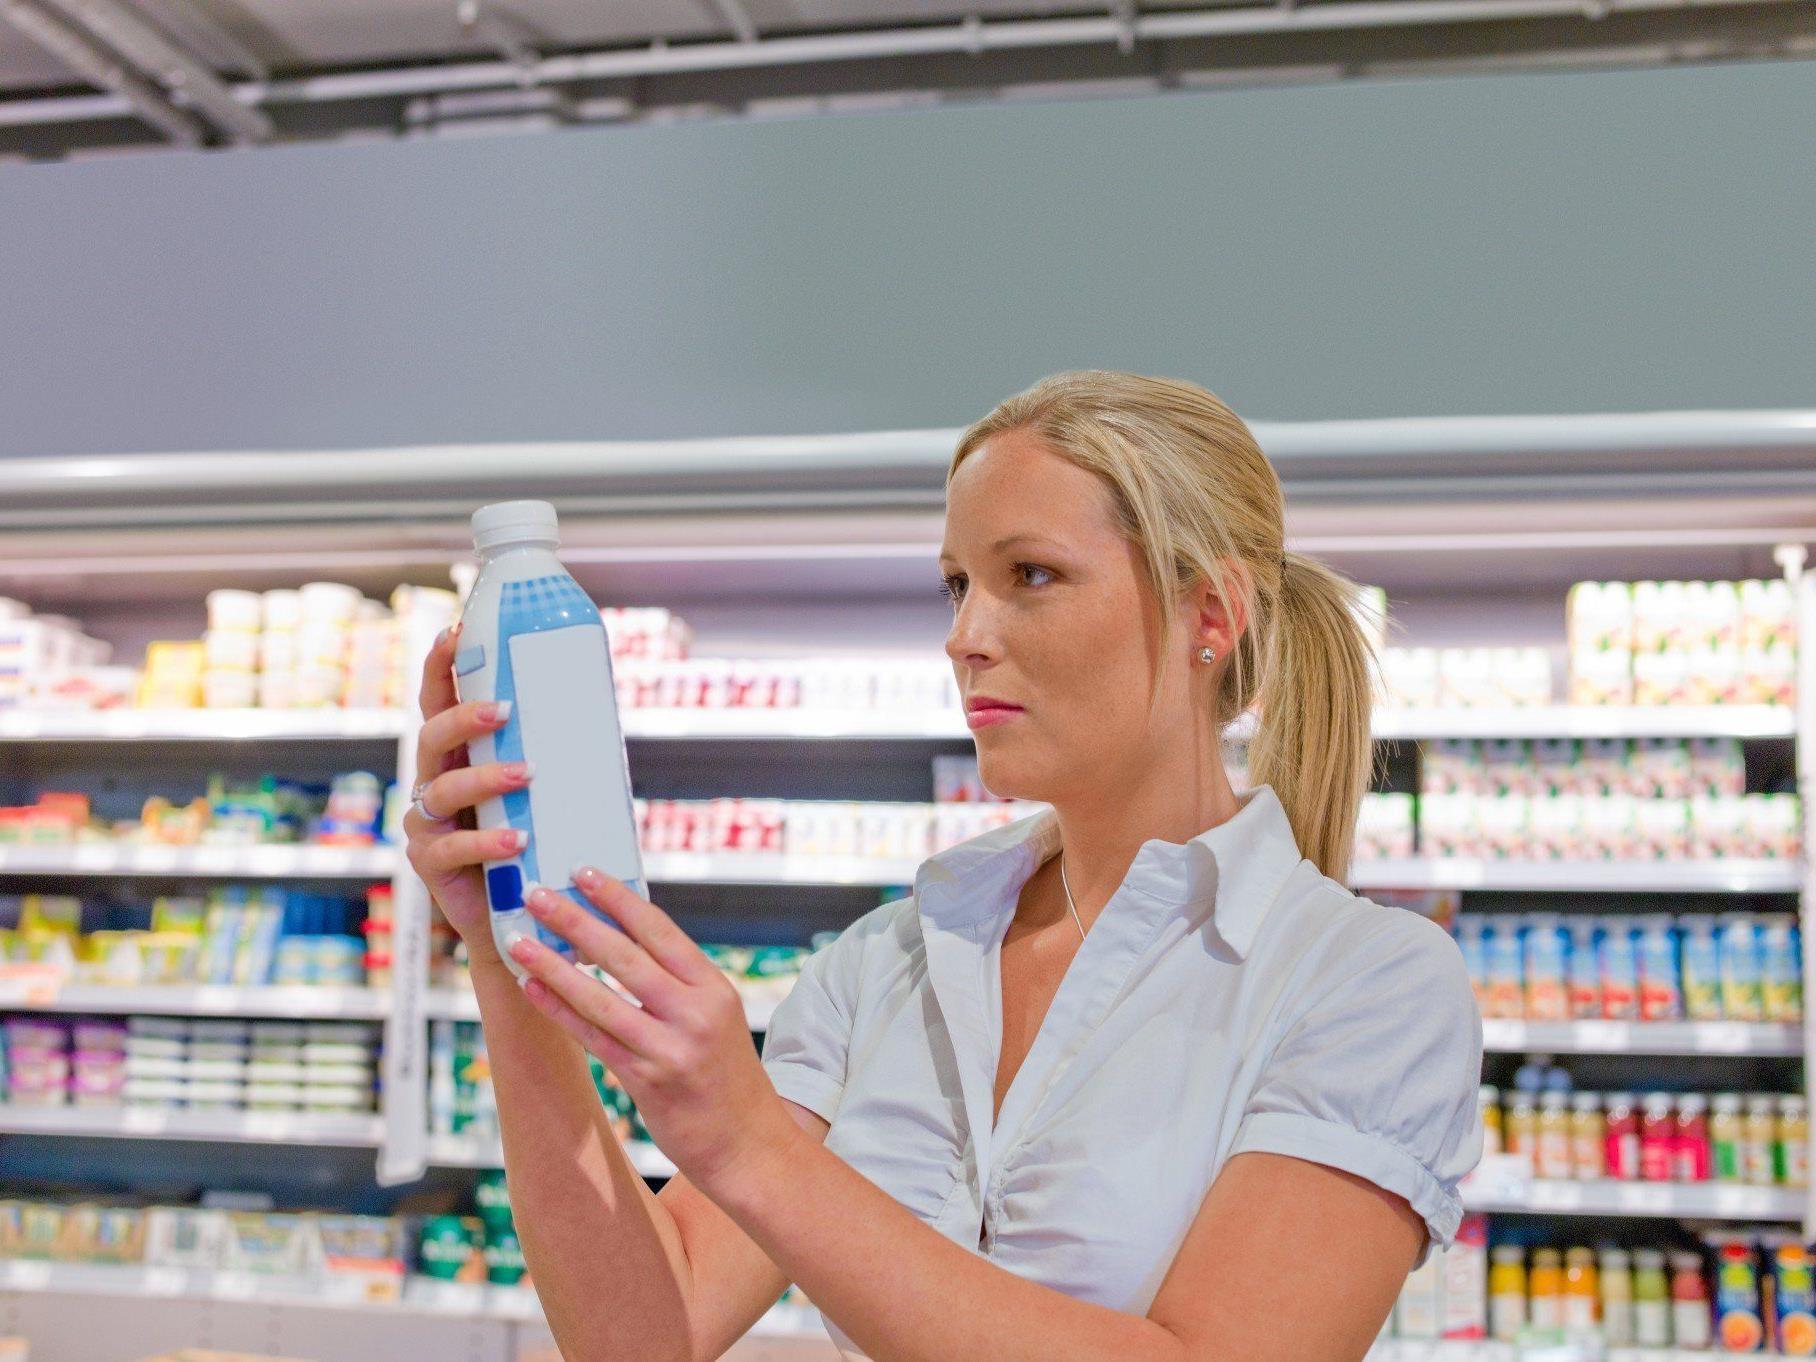 Bei laktosefreien Produkten muss oft tief in die Tasche gegriffen werden.